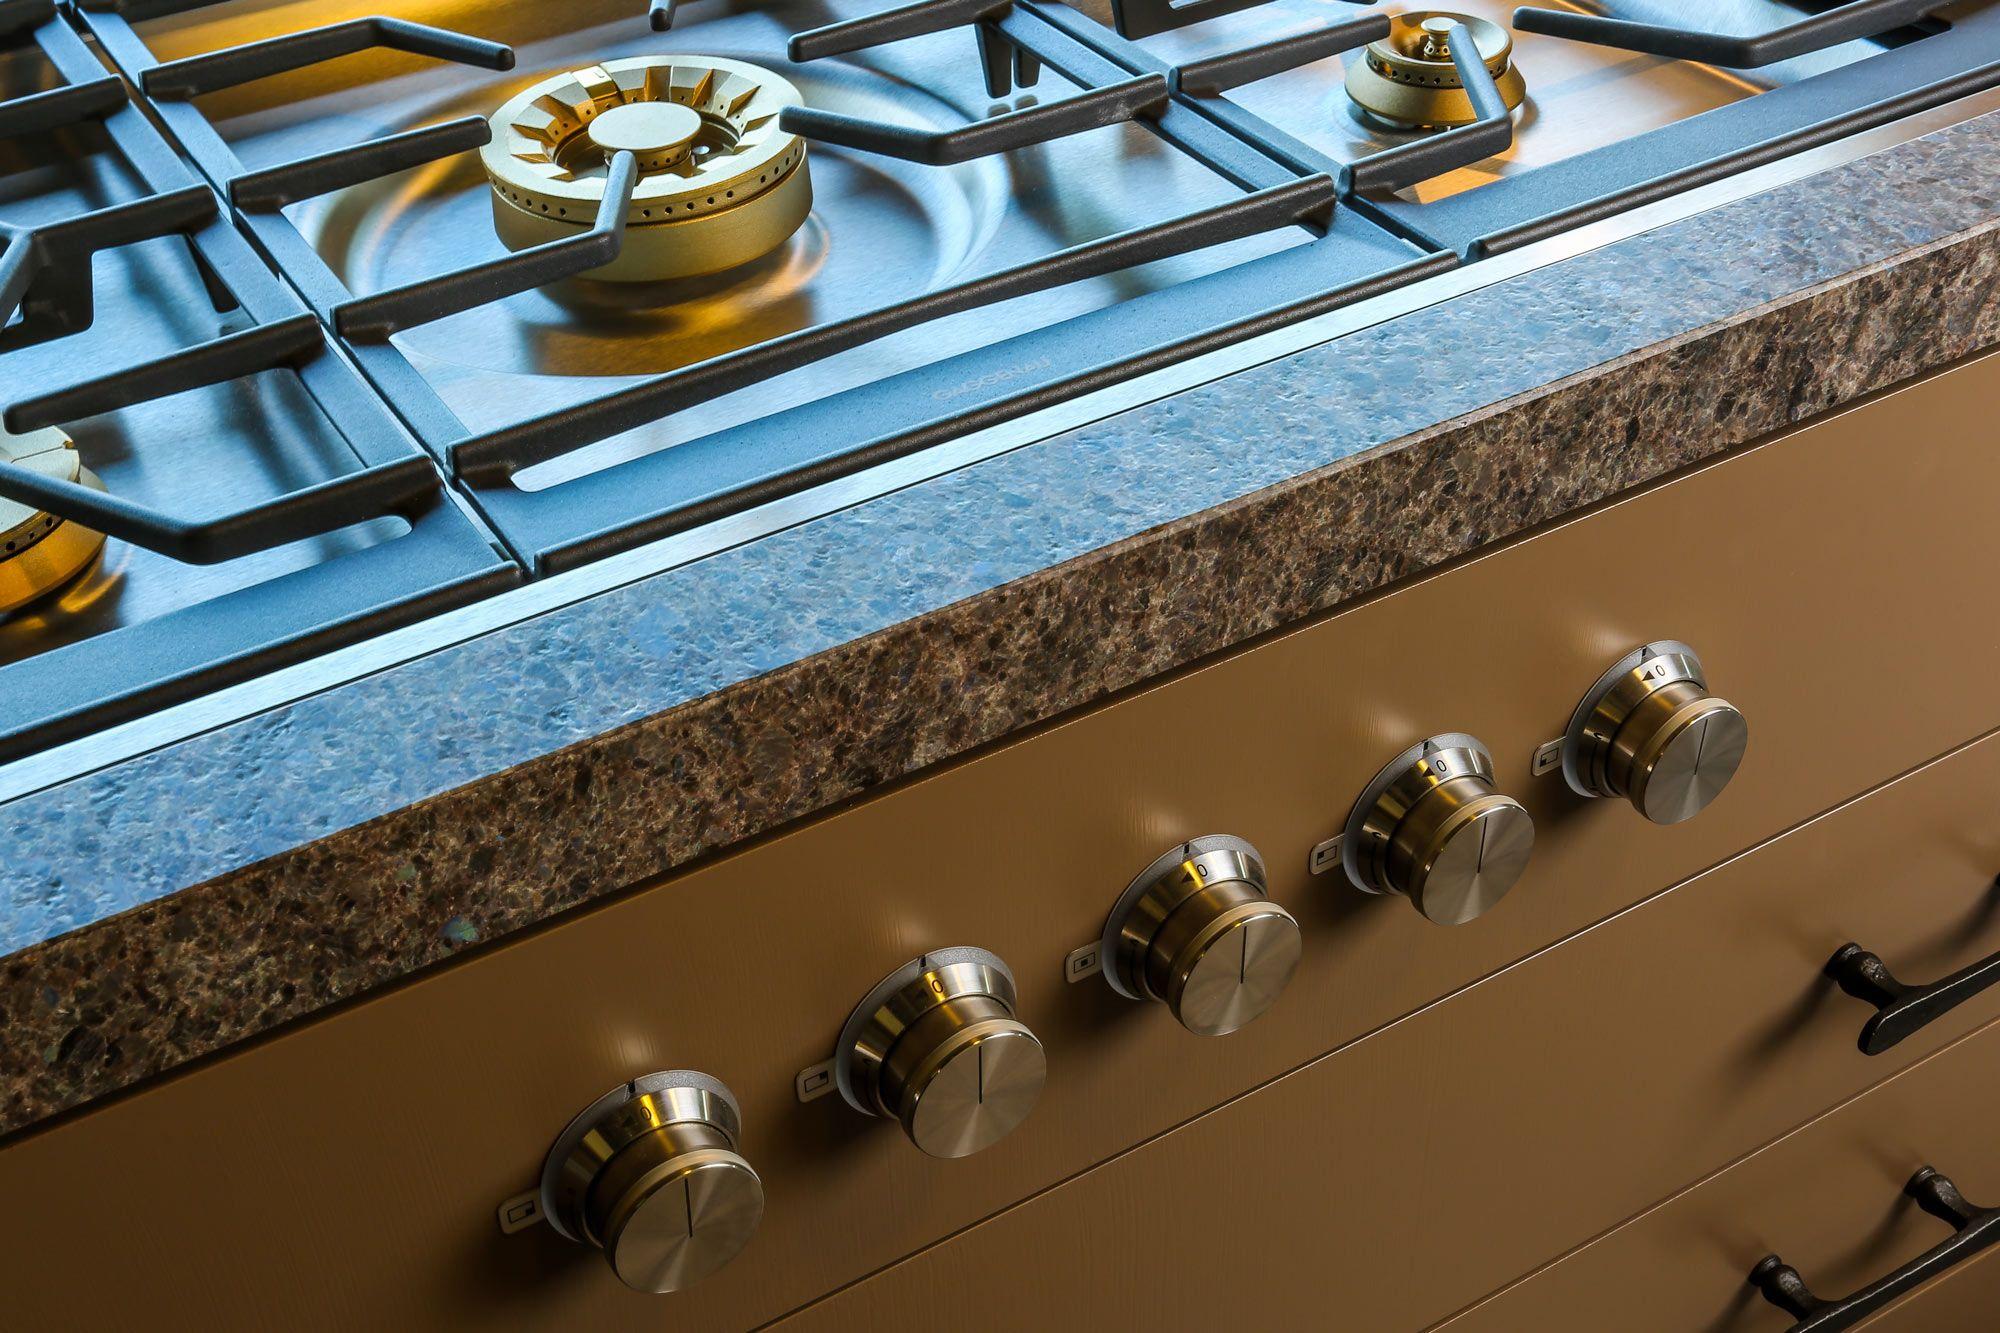 beerens interieur goes keukens badkamers en scheepsinterieur op maat gemaakt